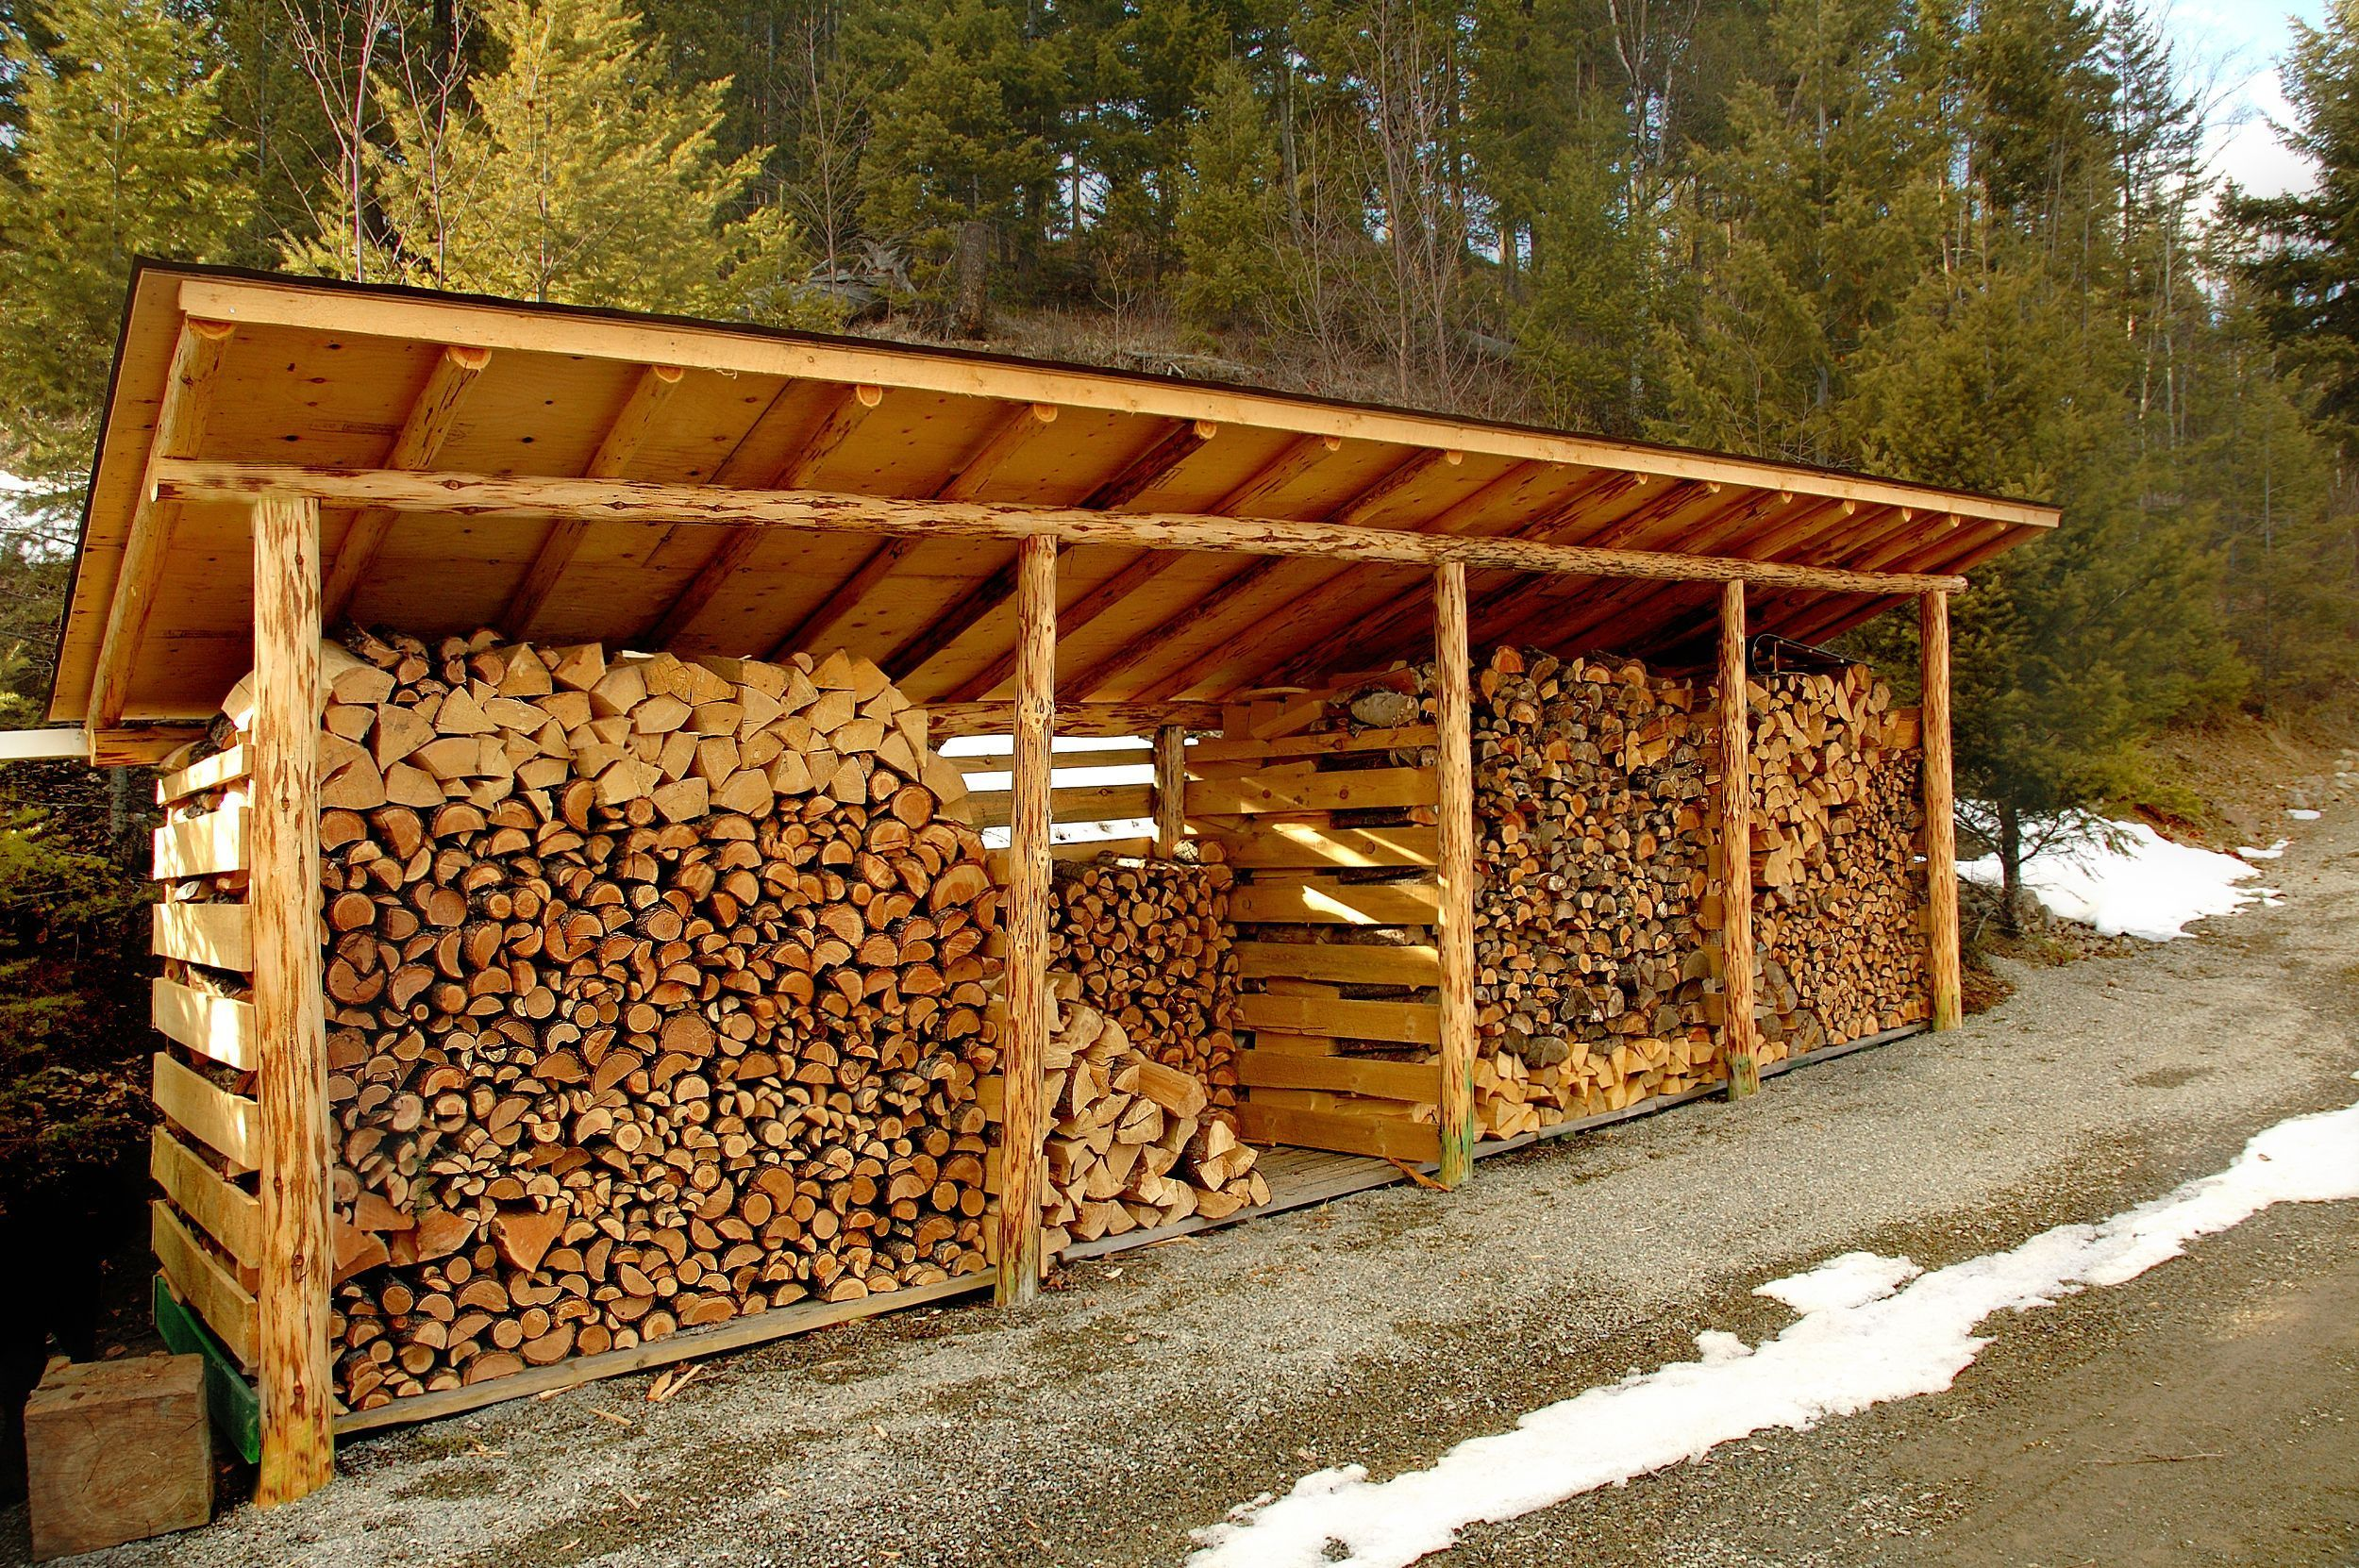 Resultat De Recherche D Images Pour Abris Outils Jardin Bois Plan Abri Bois Stockage De Bois De Chauffage Hangar A Bois